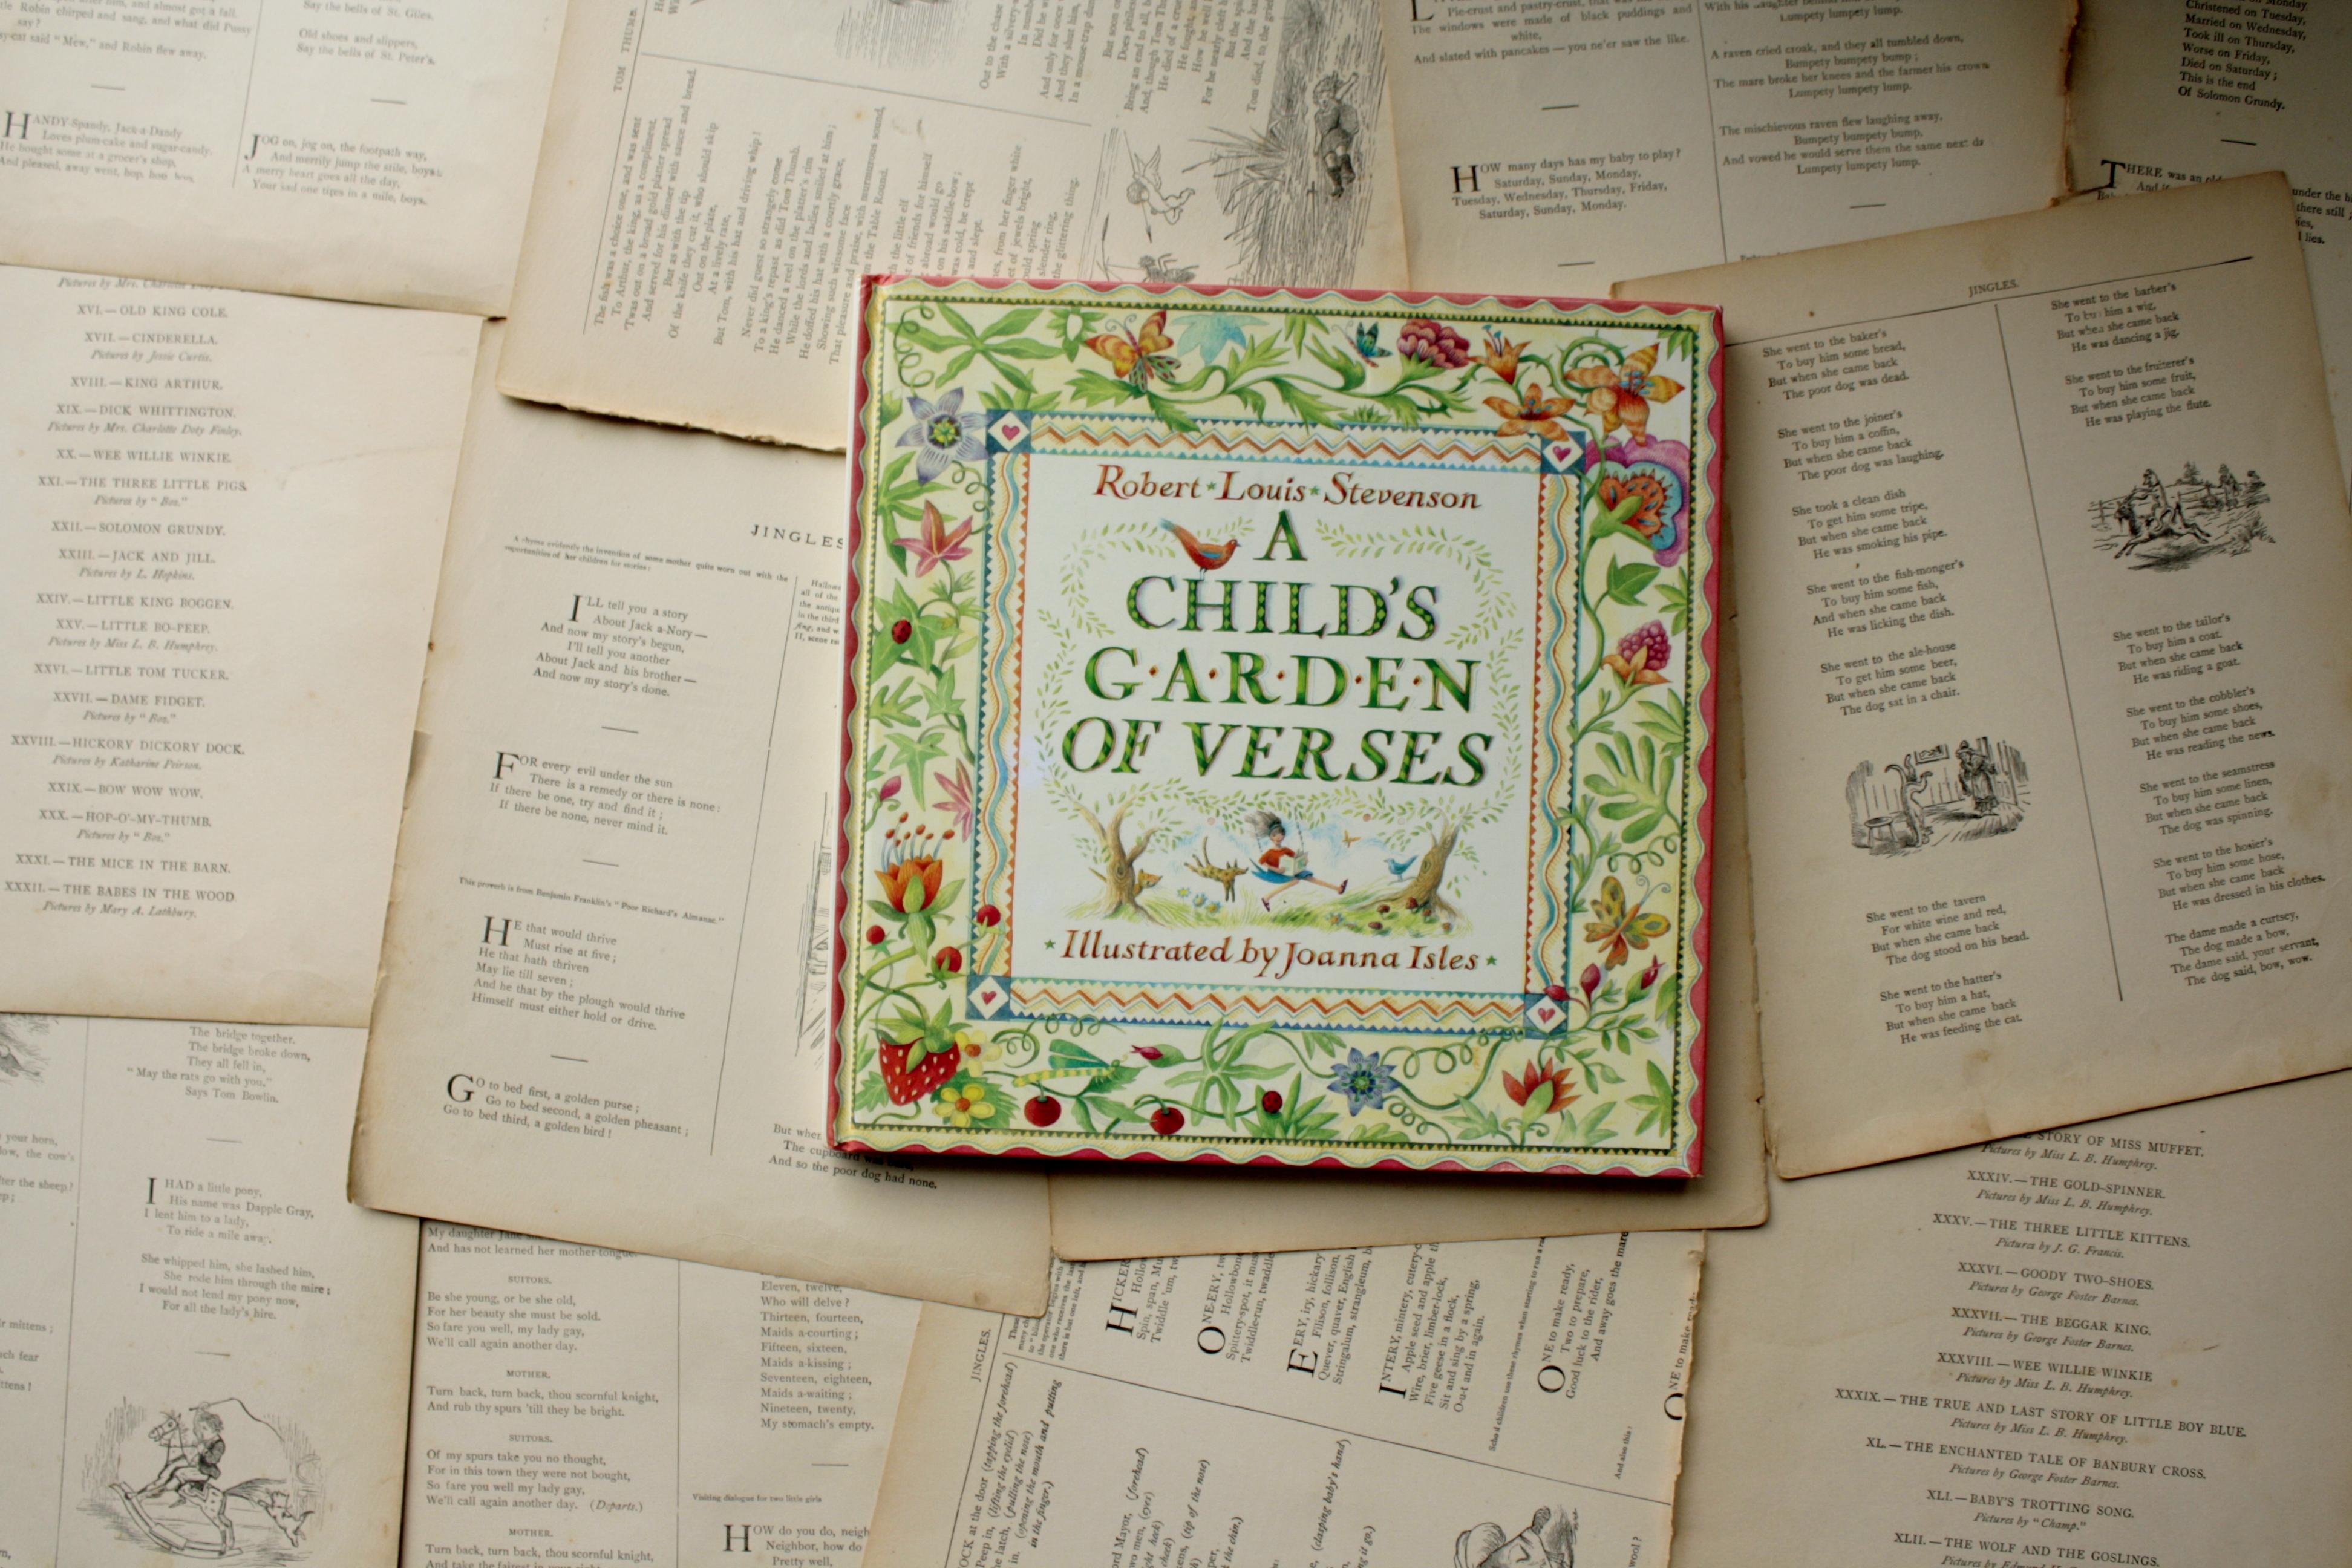 A Child's Garden of Verses | Robert Louis Stevenson